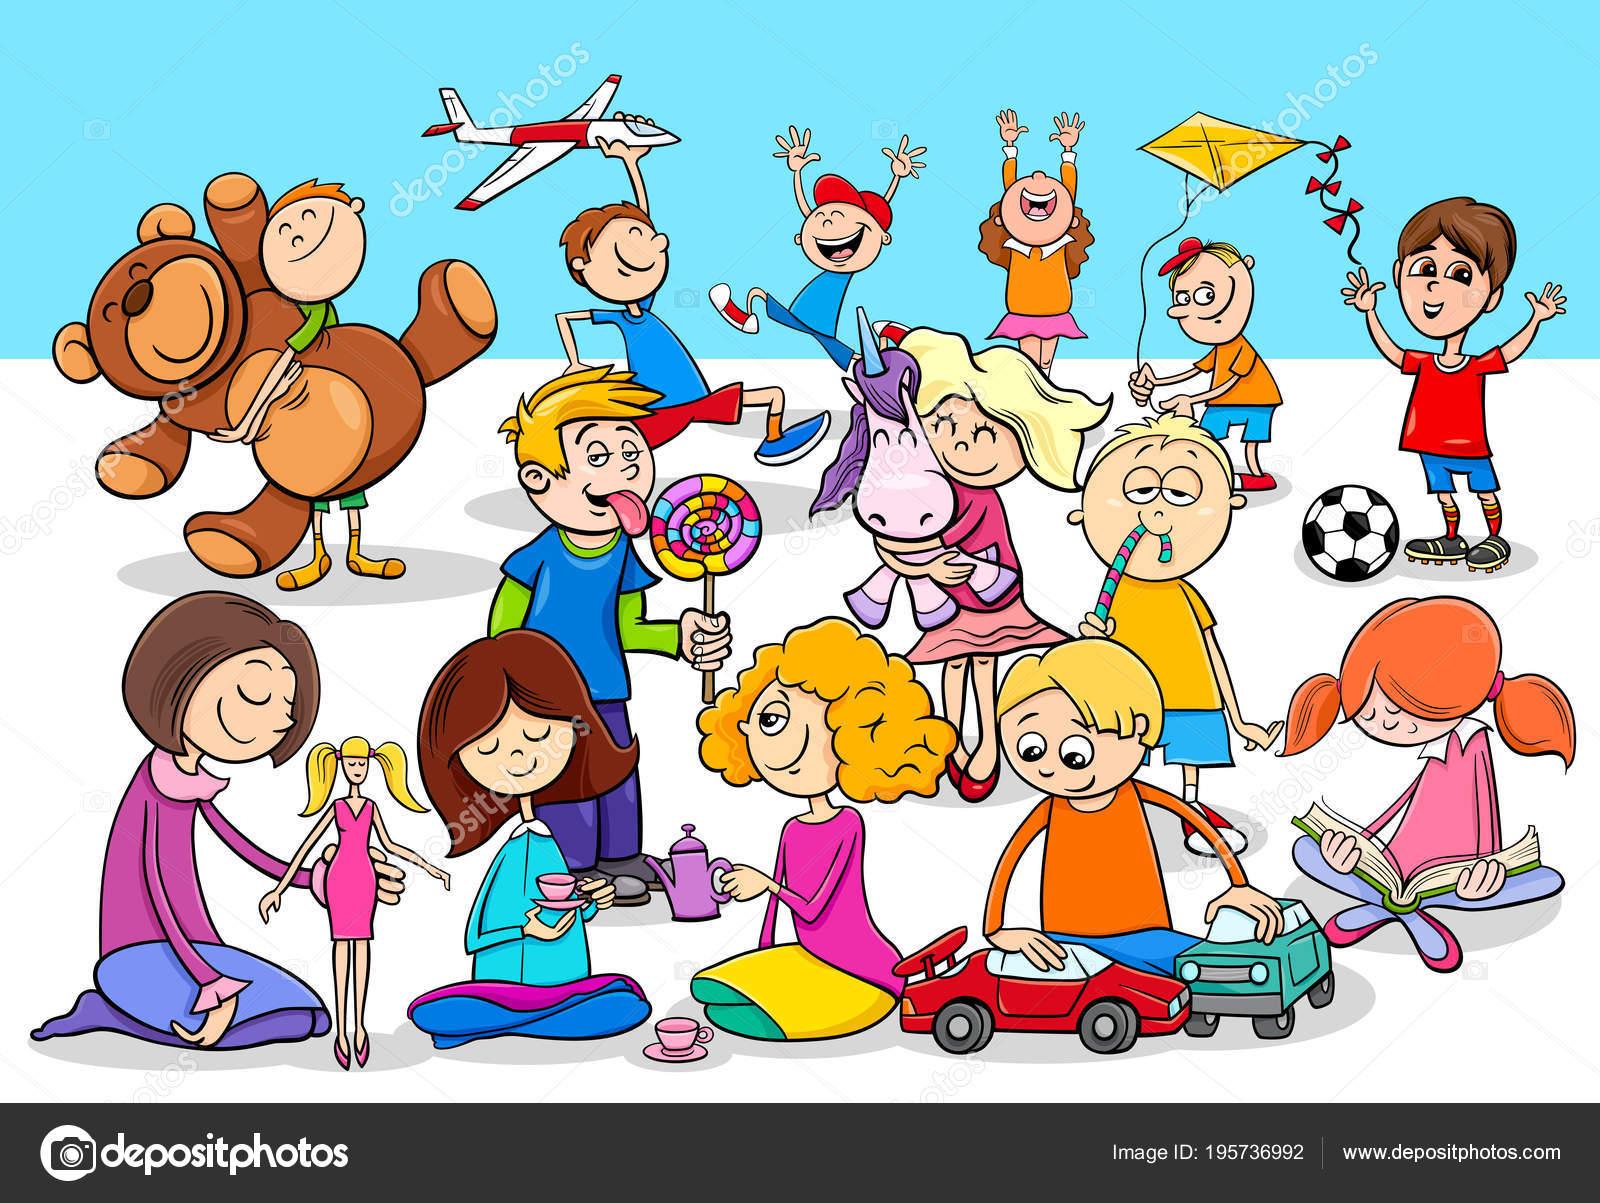 Grupo De Personajes De Dibujos Animados Los Niños Juguetones